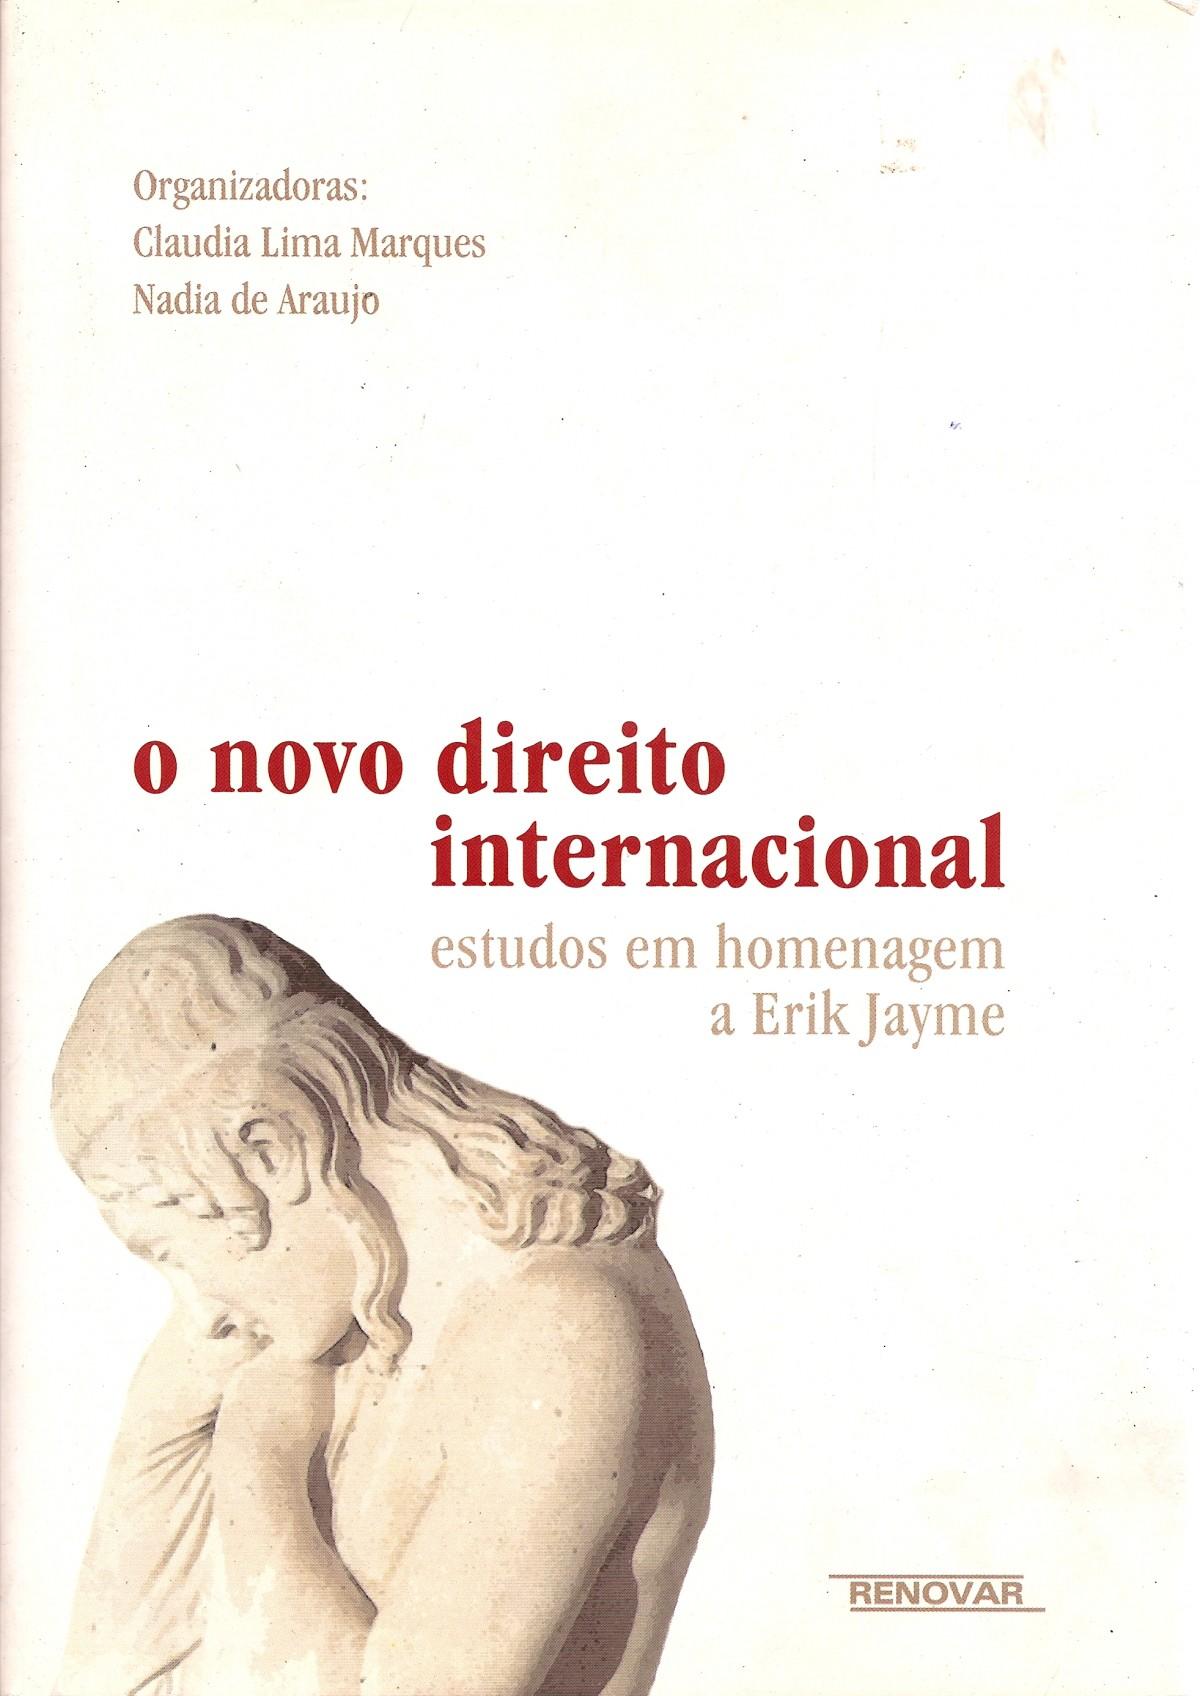 Foto 1 - O Novo Direito Internacional